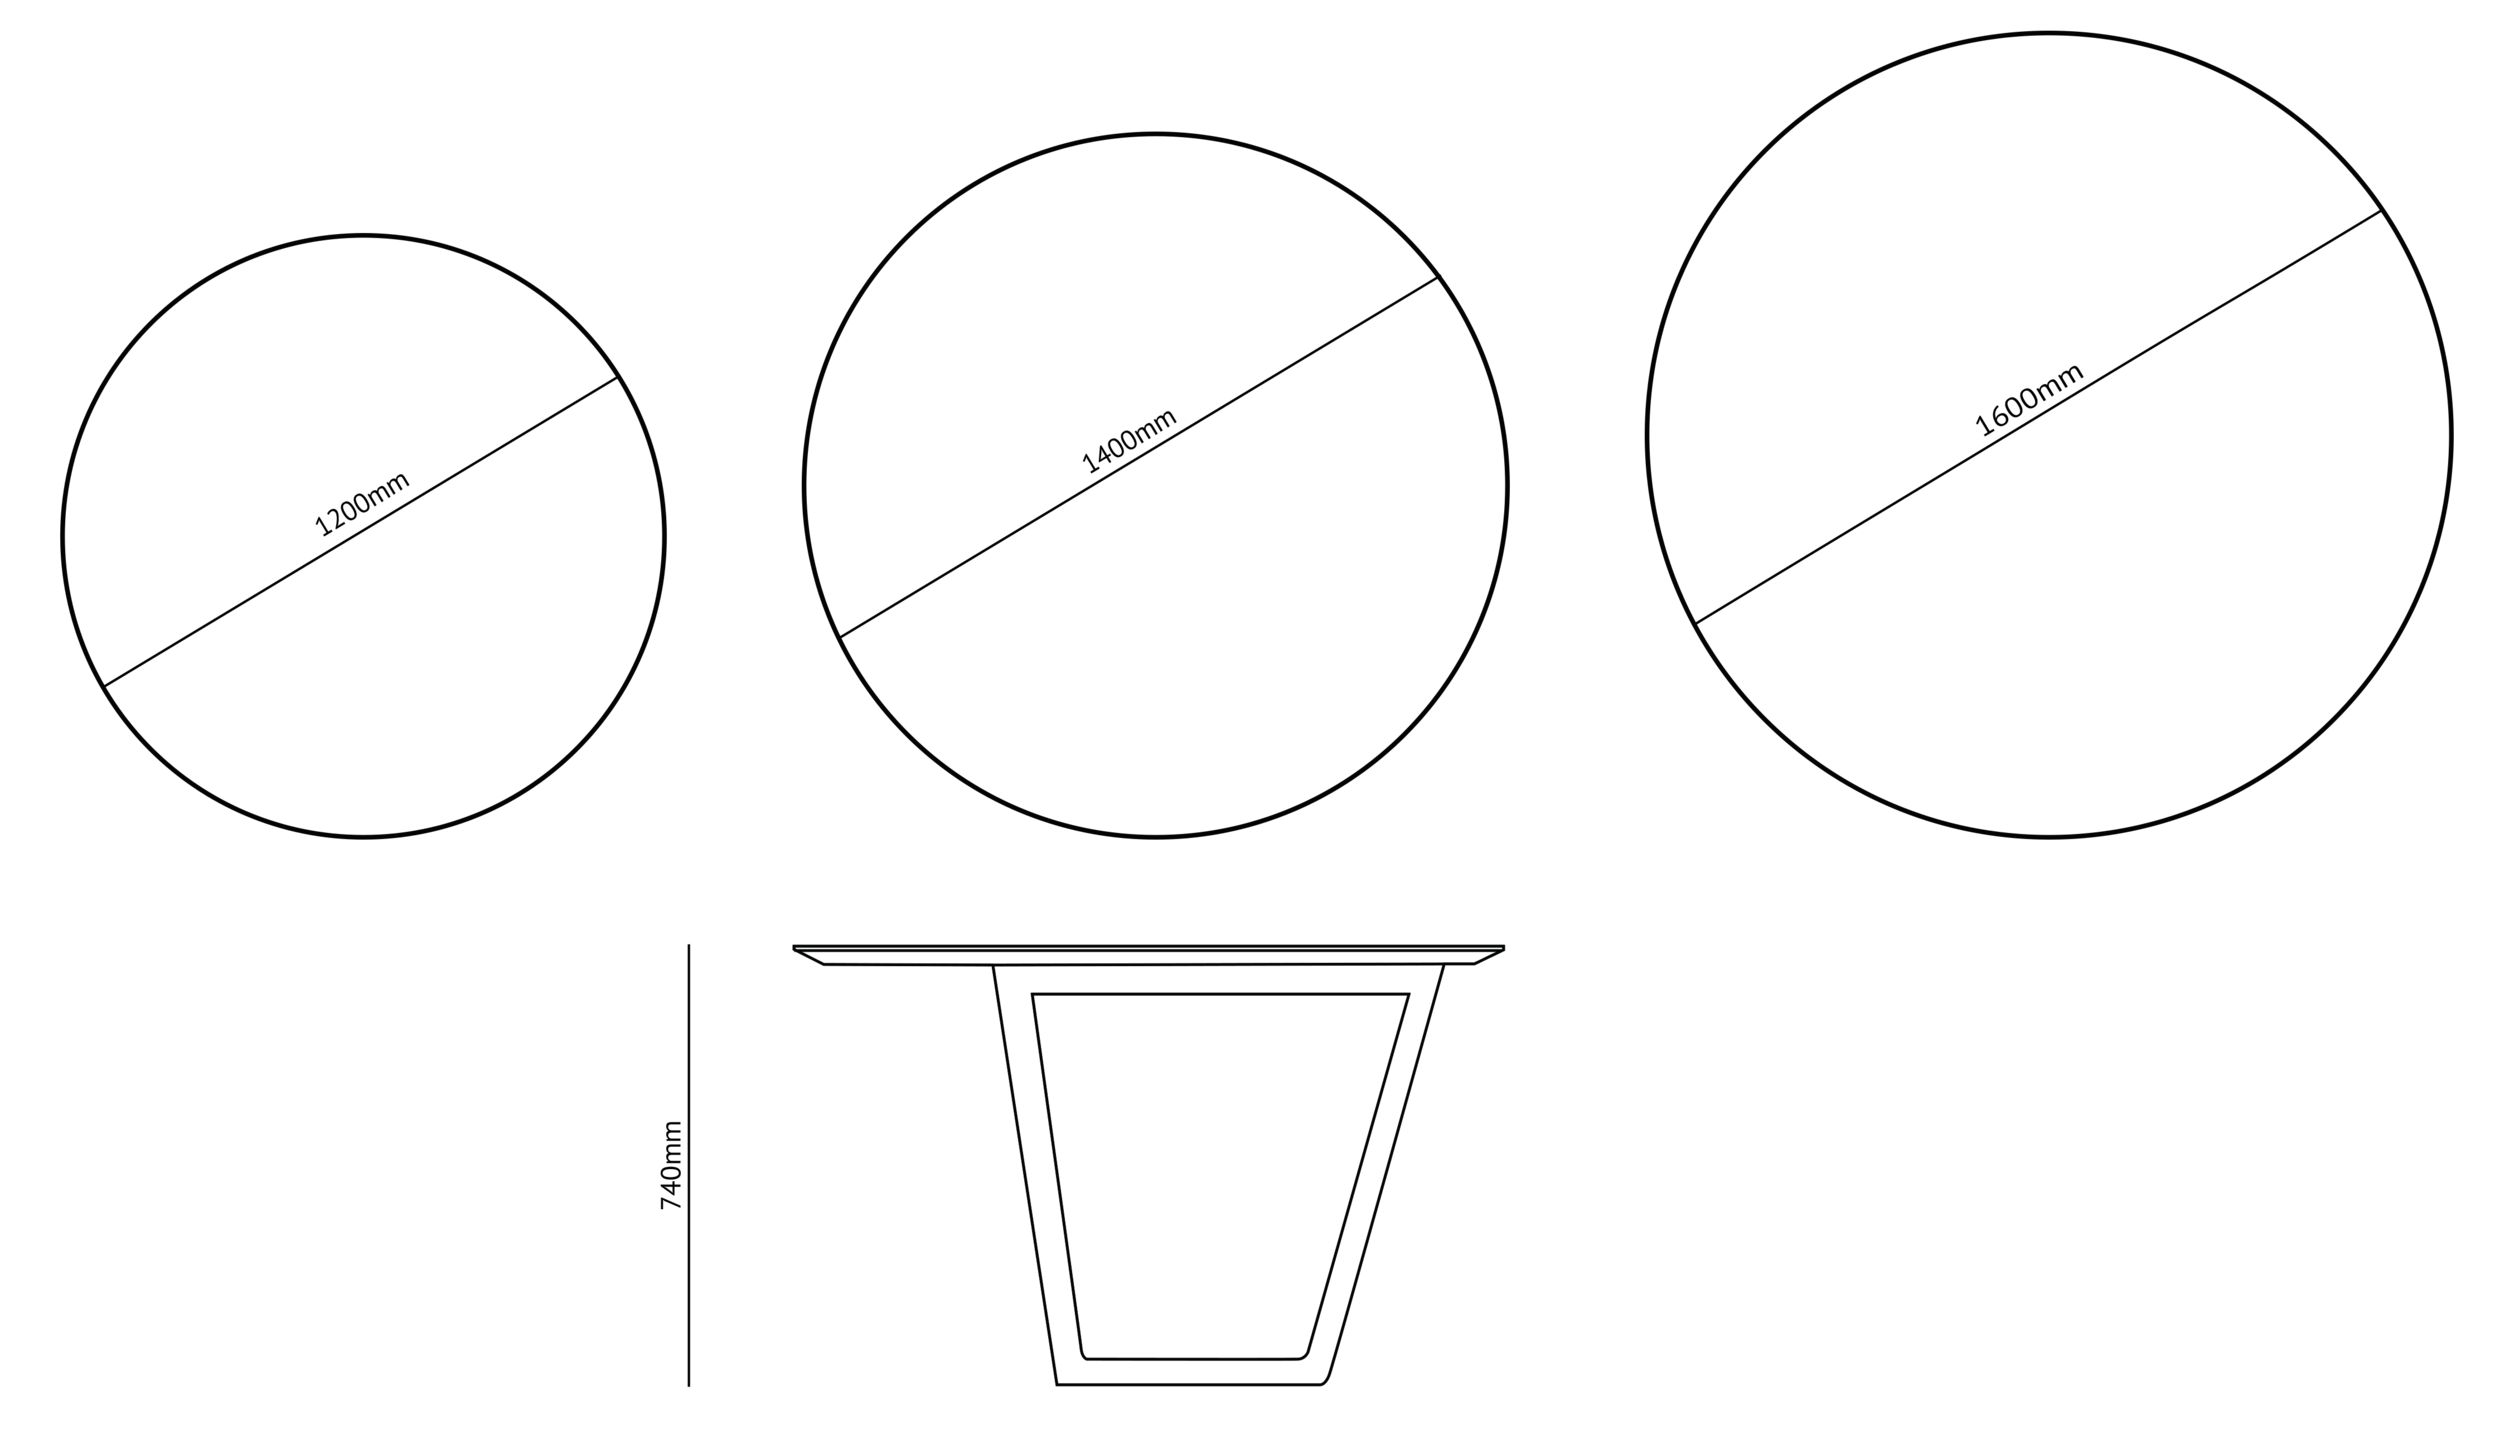 Loop_table_simpele_dimensies204.png